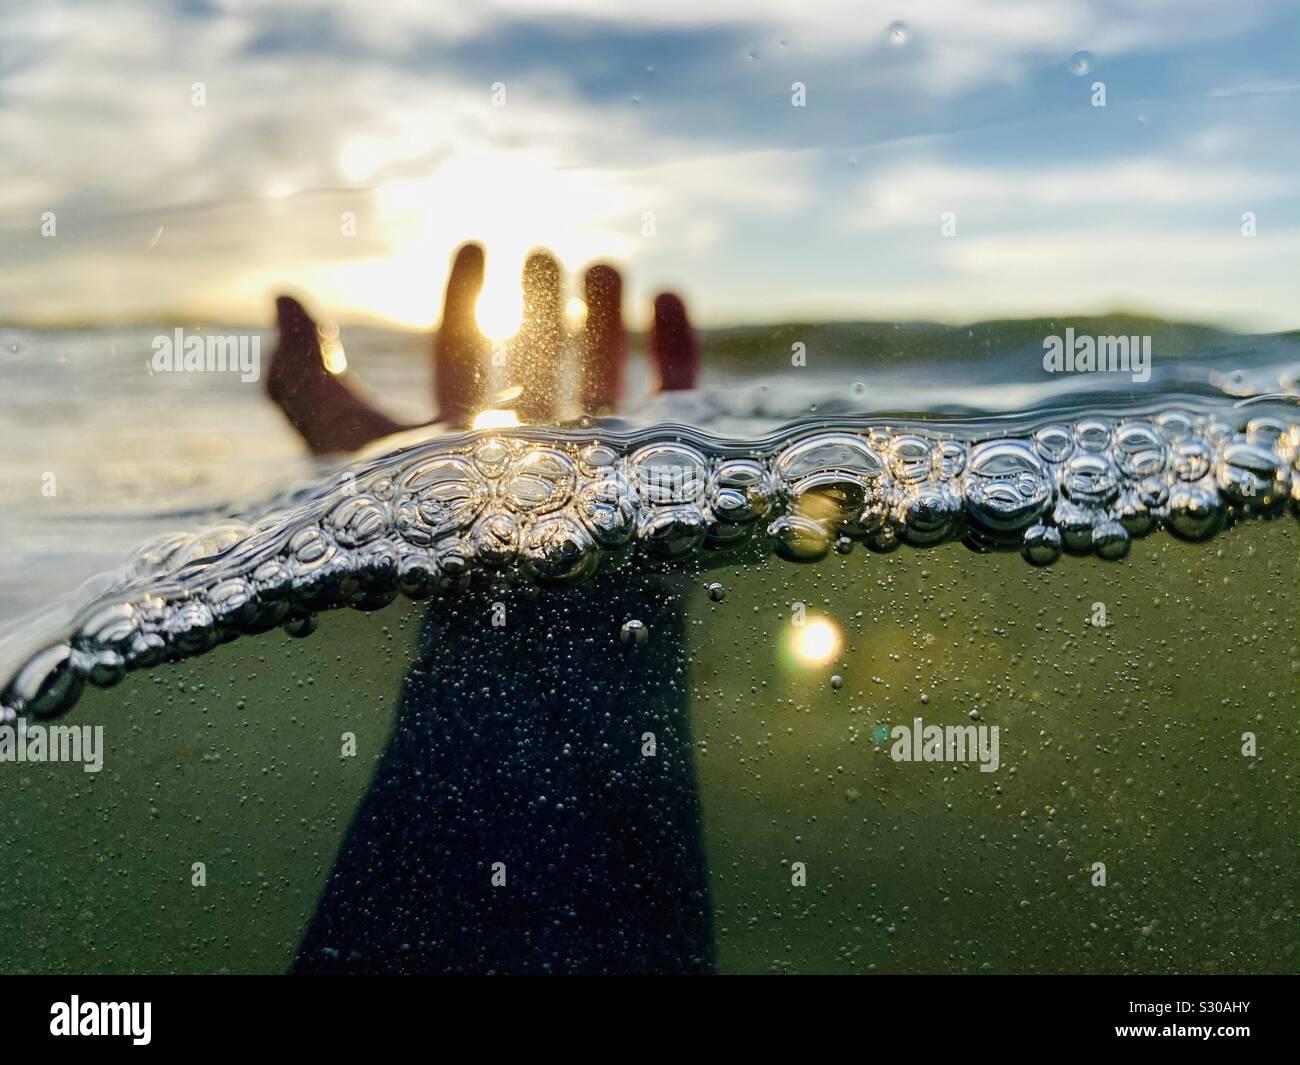 Sur une photo d'un sous-main gauche sorti de l'eau. Banque D'Images